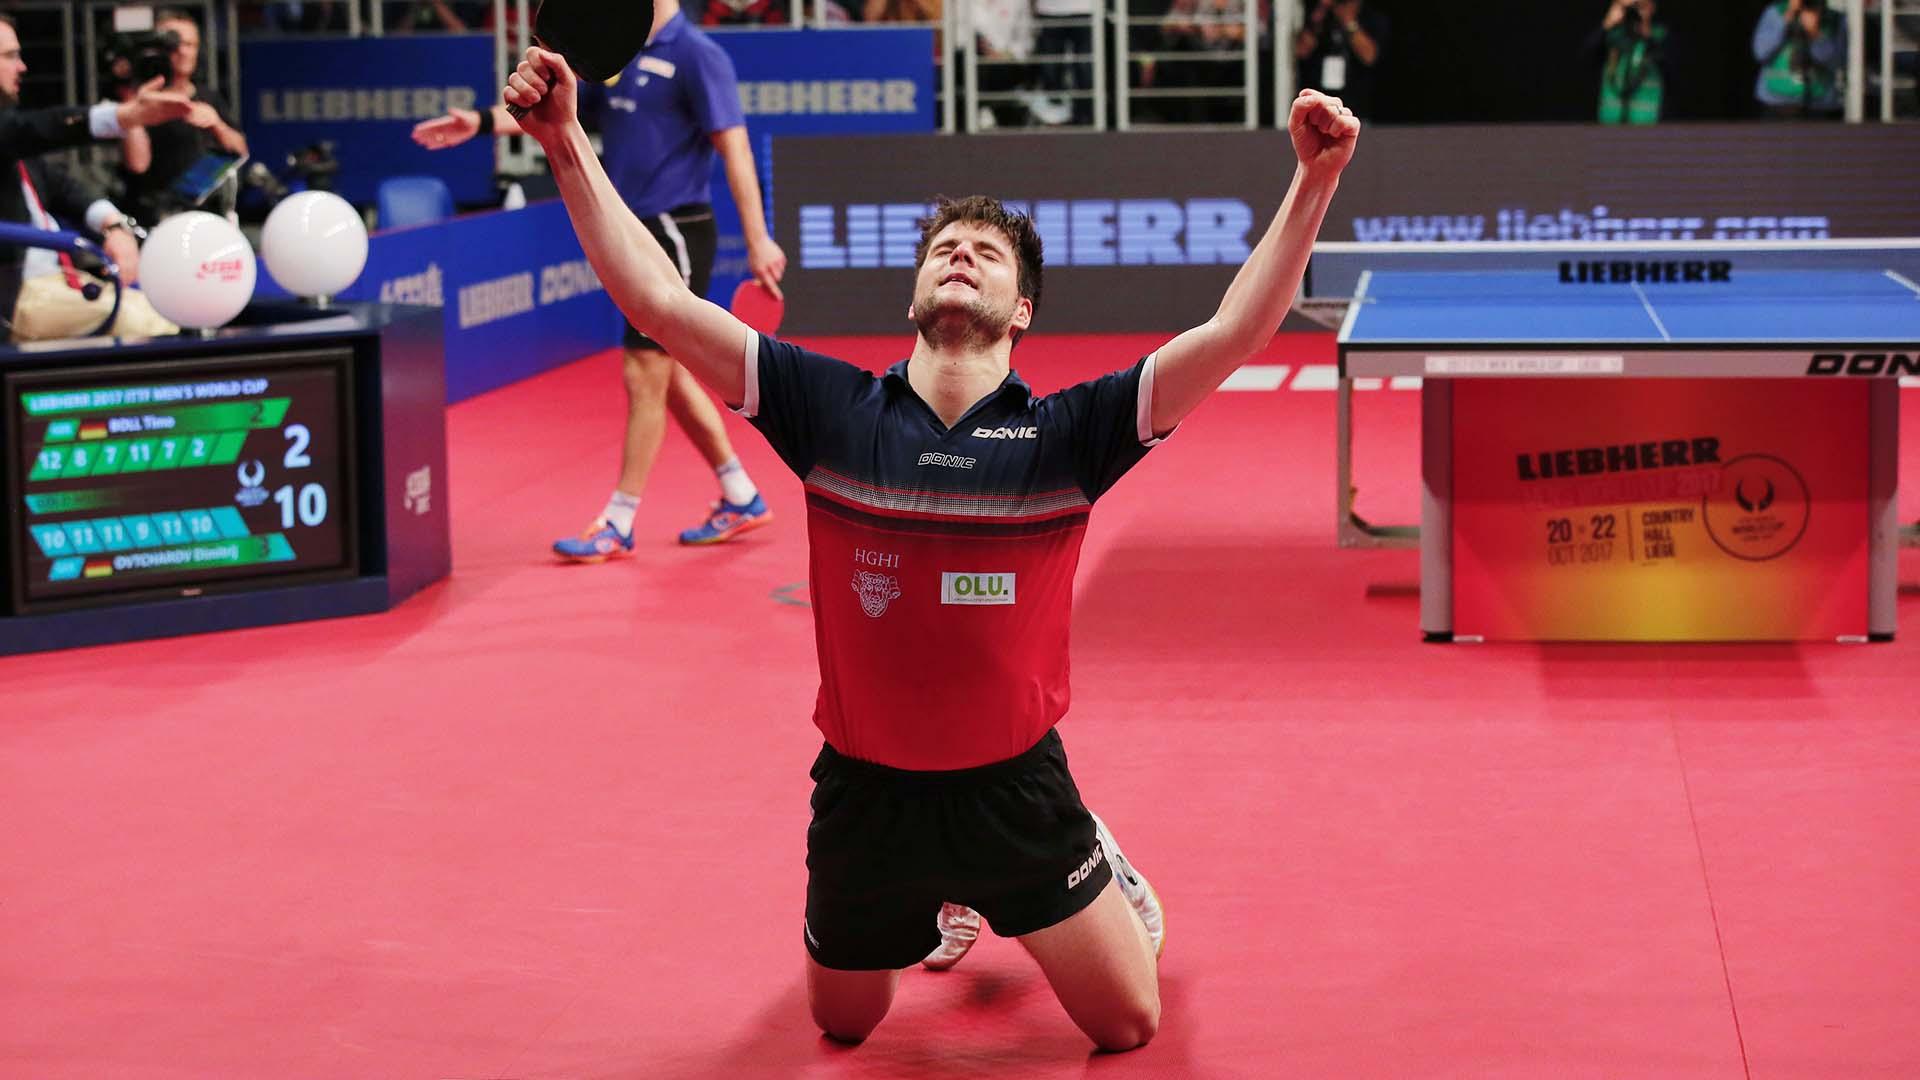 A step higher, Dimitrij Ovtcharov wins in Liège